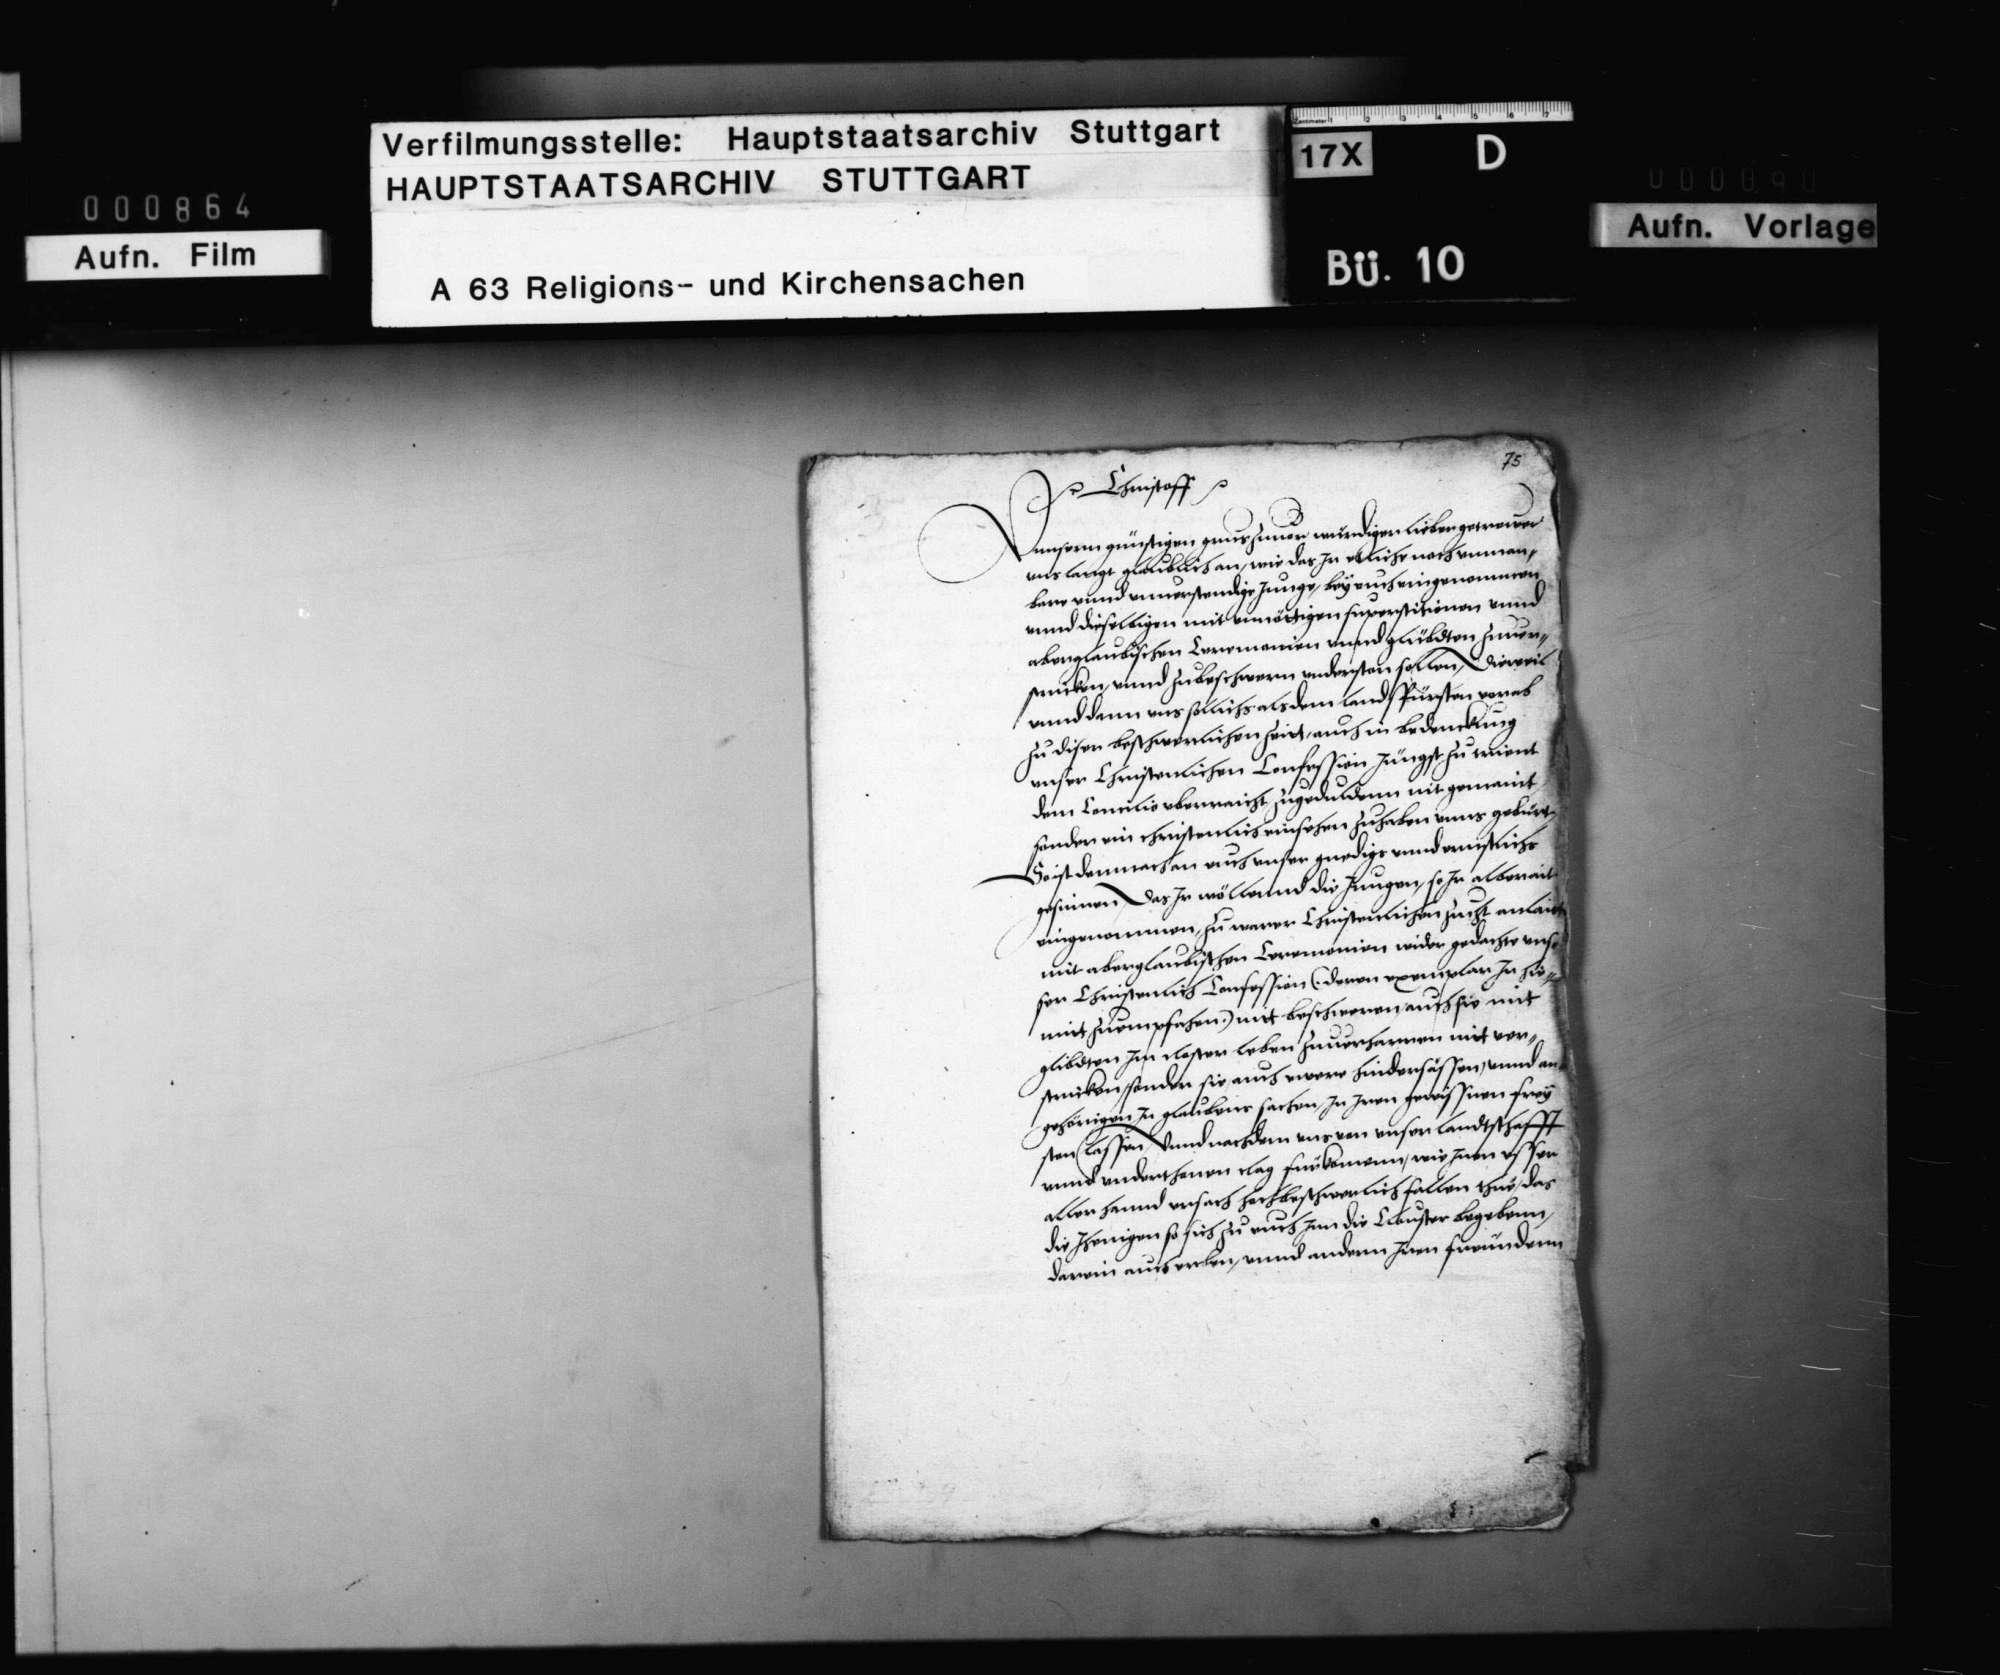 Reskript Herzog Christophs an die katholischen Klöster, keinen Aberglauben mehr zu lehren und keine Novizen mehr anzunehmen, Bild 1